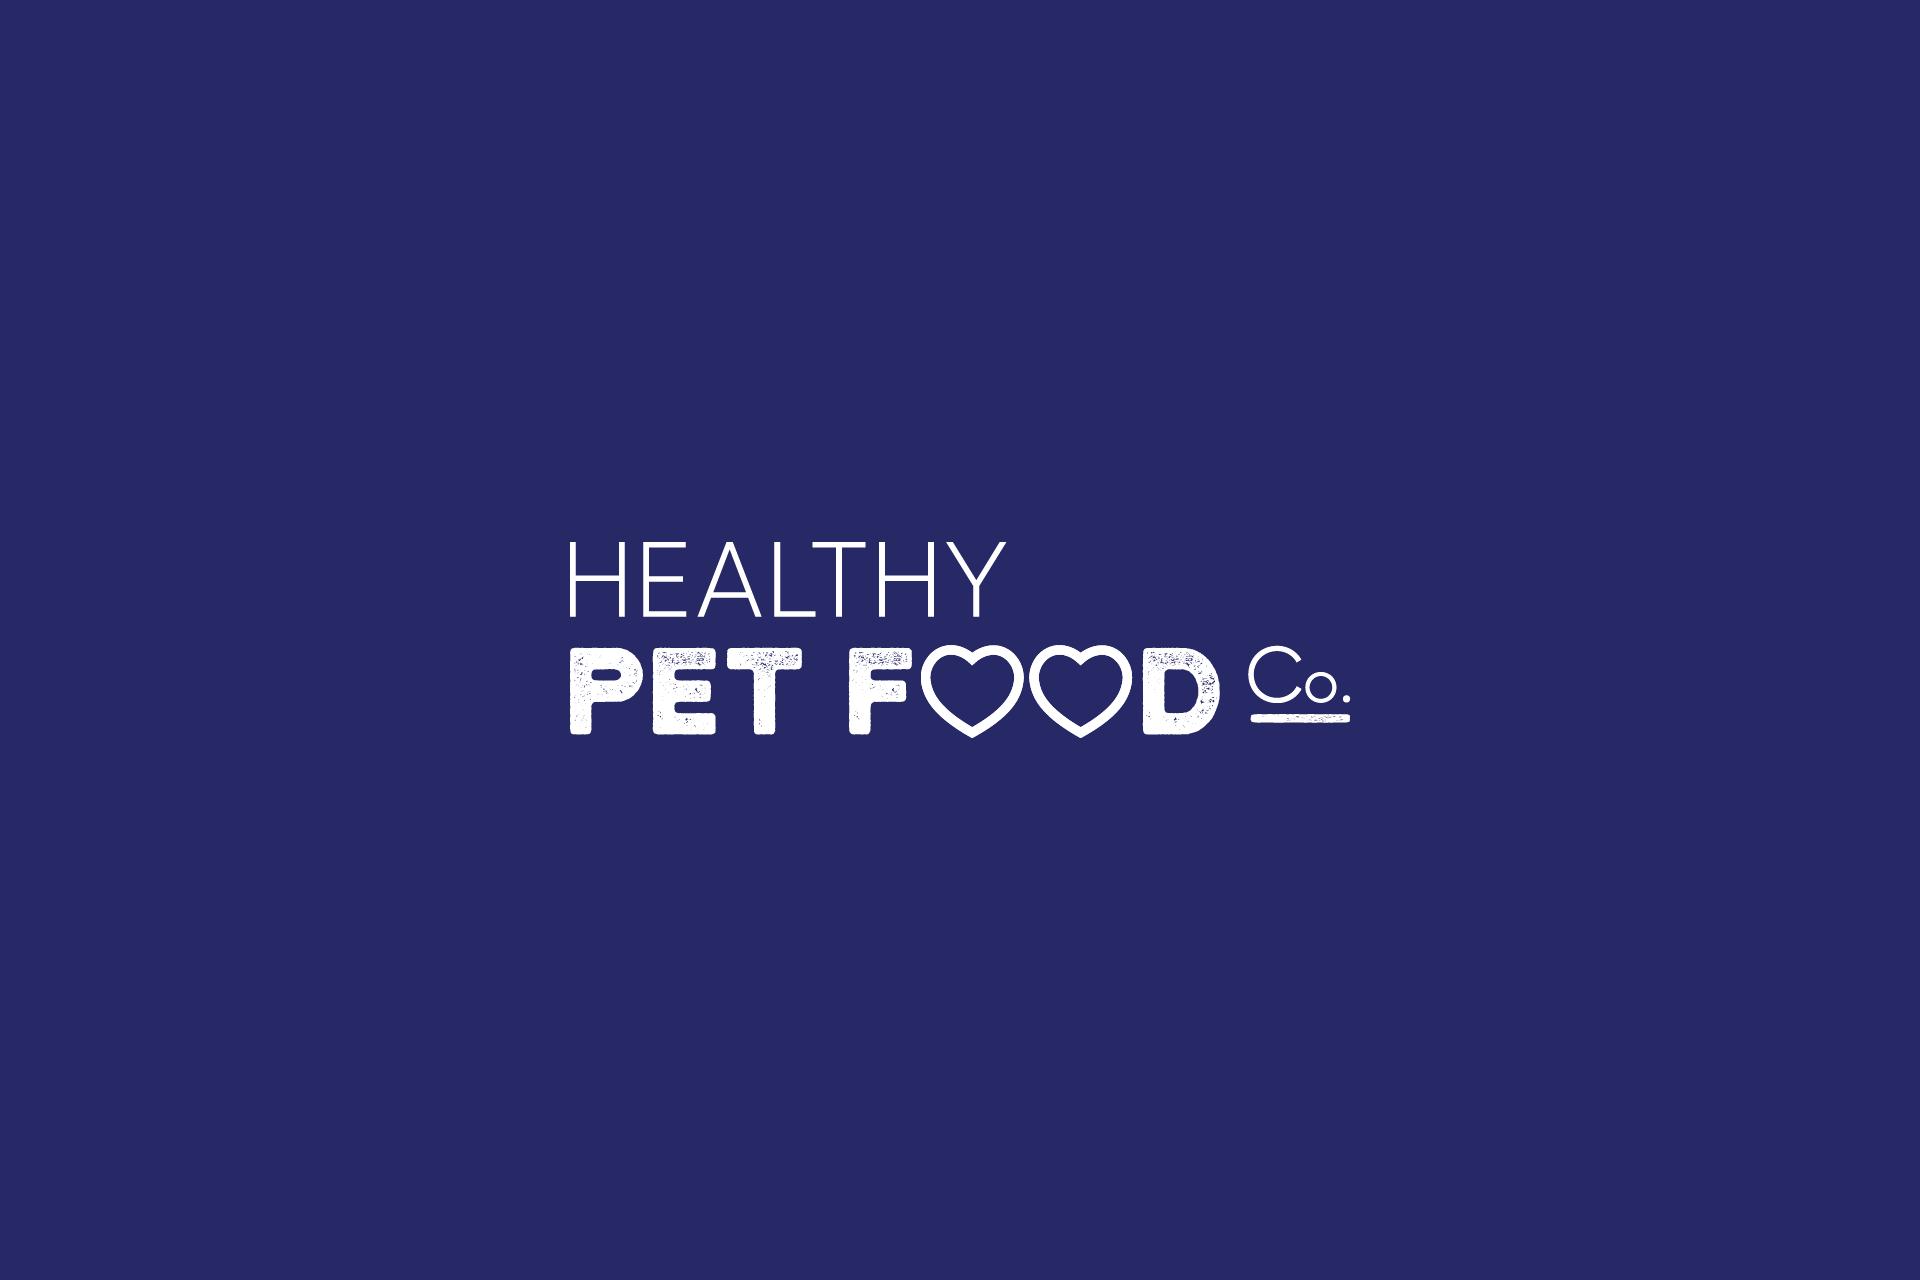 genh-logos-healthypetfoods.png